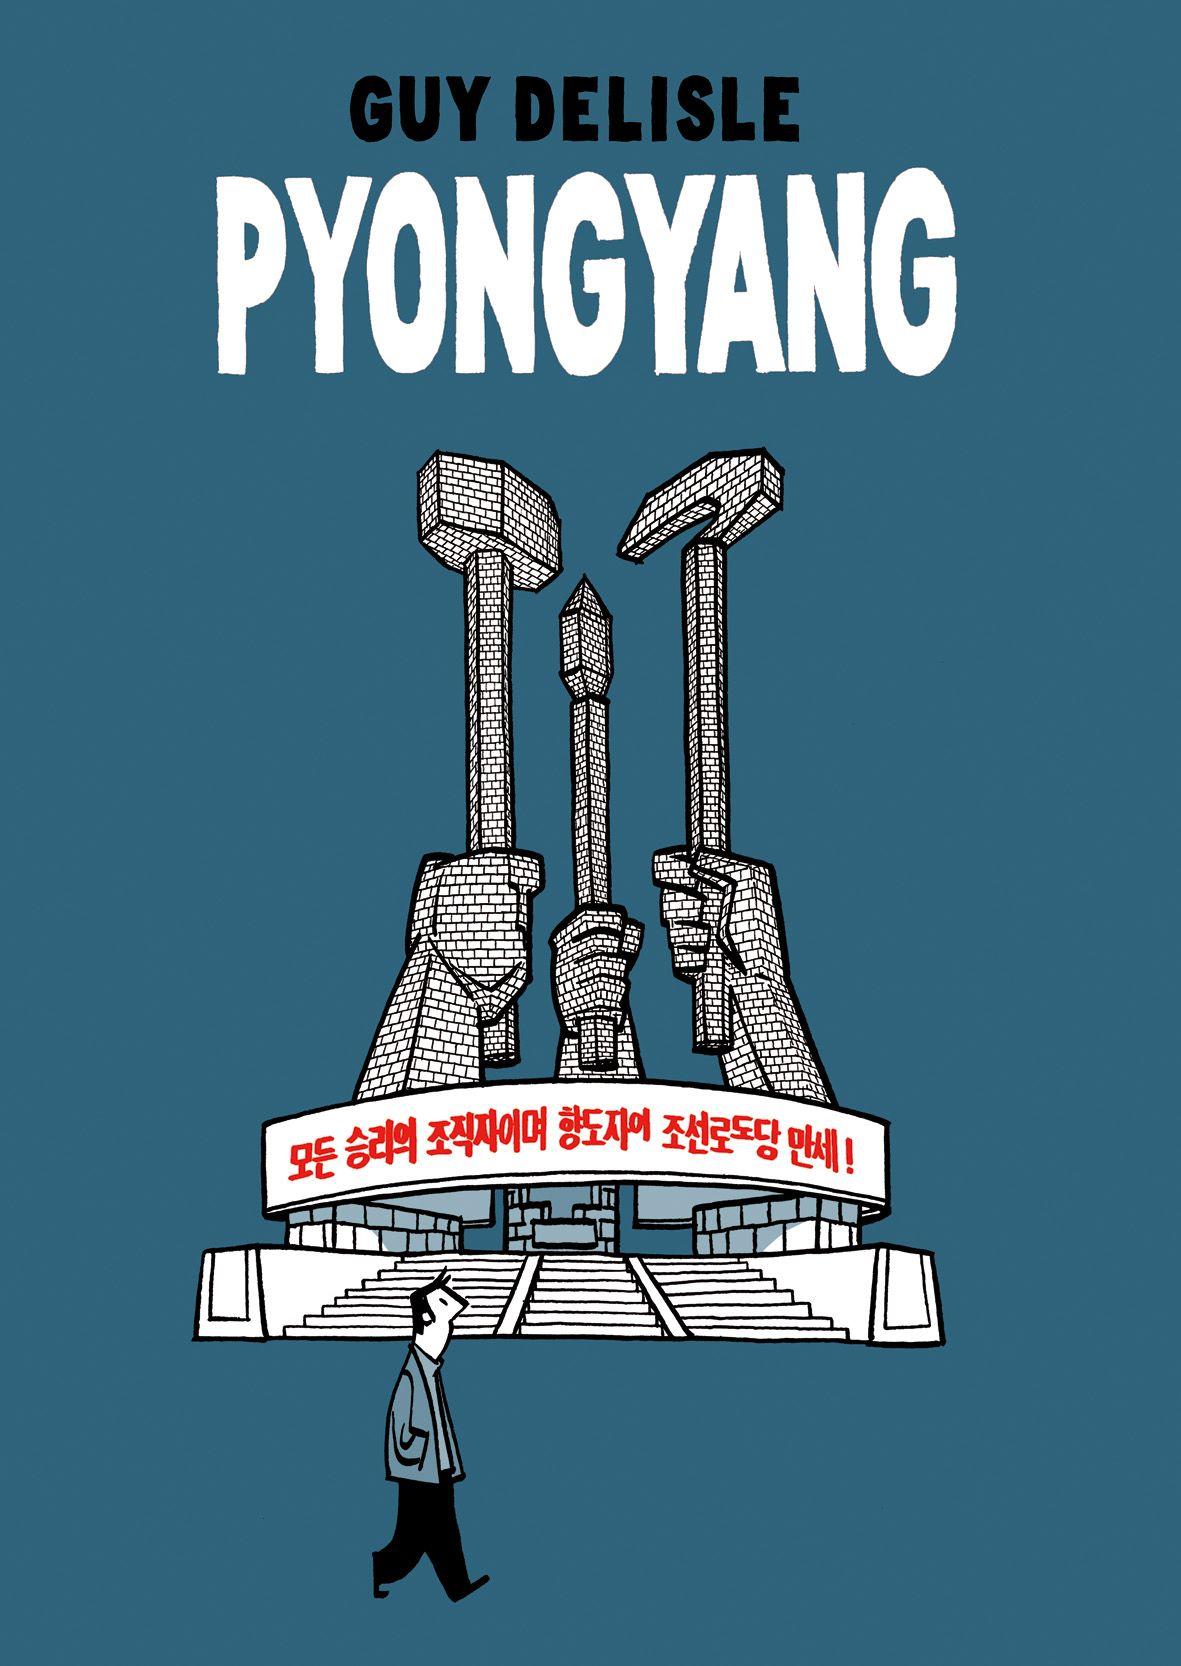 Pyongyang, novela gráfica de Guy Deslile. Pyongyang es una novela gráfica del historietista Guy Delisle que relata su estancia en Pionyang, capital de Corea del Norte. A través de anécdotas y situaciones reales muestra, con un toque de humor, su choque cultural con la sociedad norcoreana bajo el régimen político de Kim Jong-il, uno de los más herméticos del mundo.